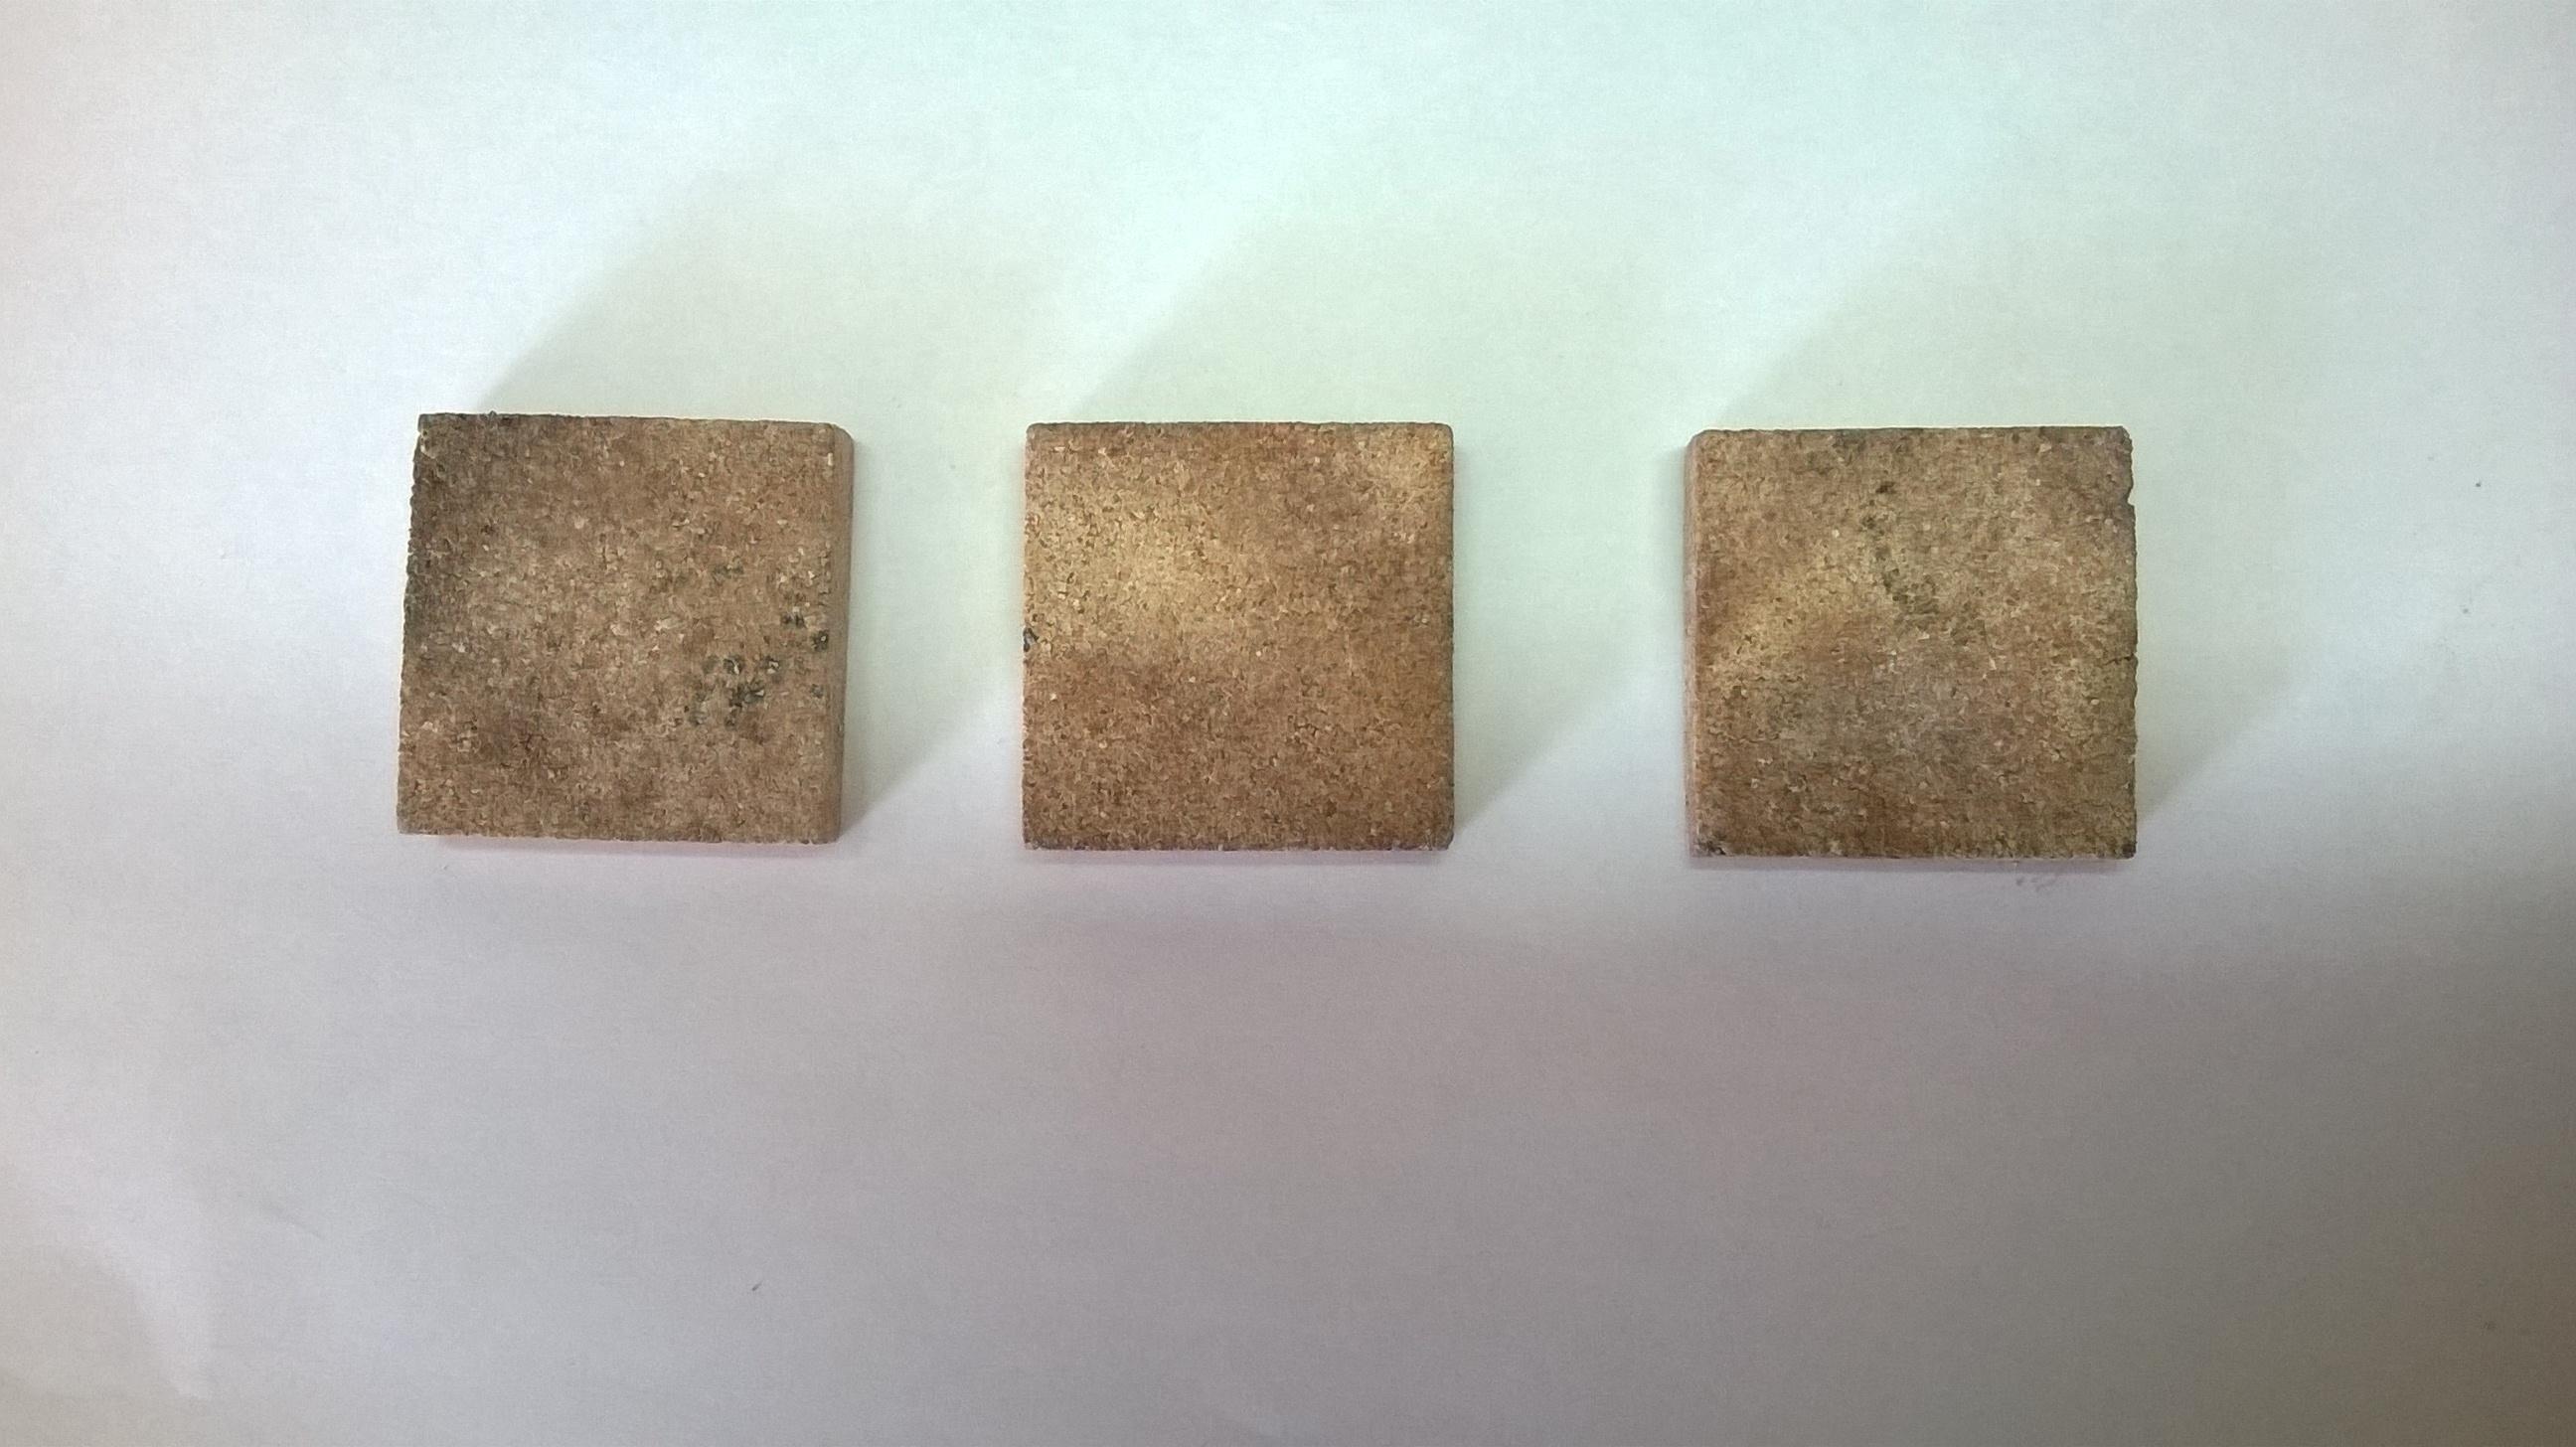 Piedras indentificacion incineracion - IEMER